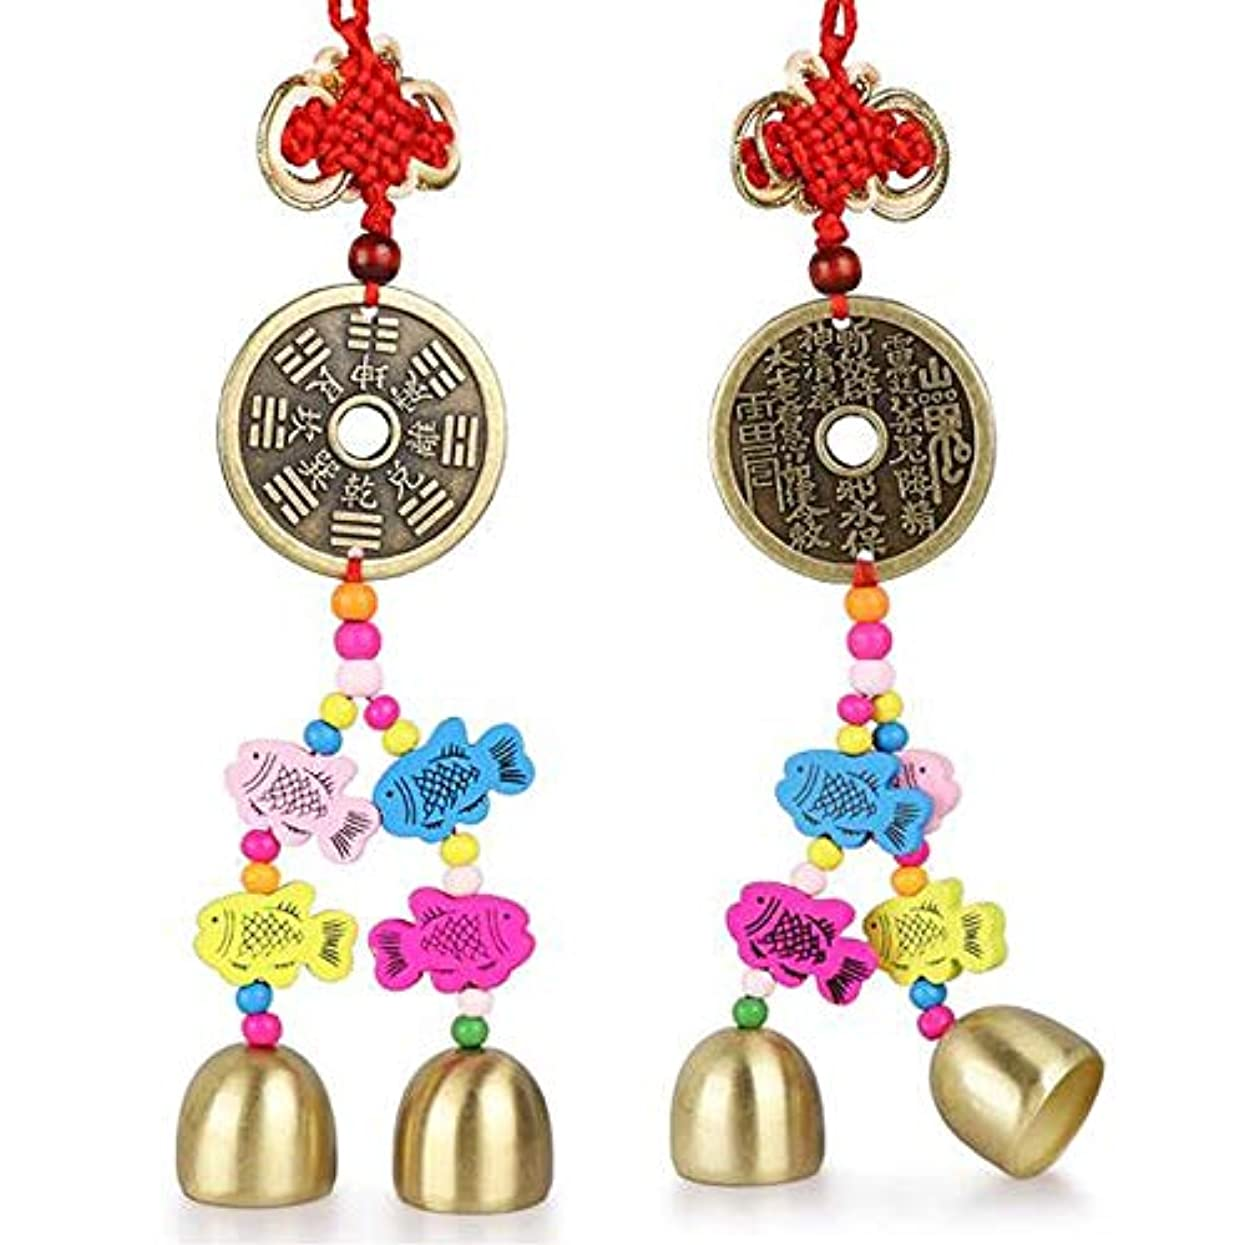 弾性補償全体Jielongtongxun 風チャイム、中国のノット銅鐘ホーム車の装飾、ゴールド、全長約31センチメートル,絶妙な飾り (Color : C)